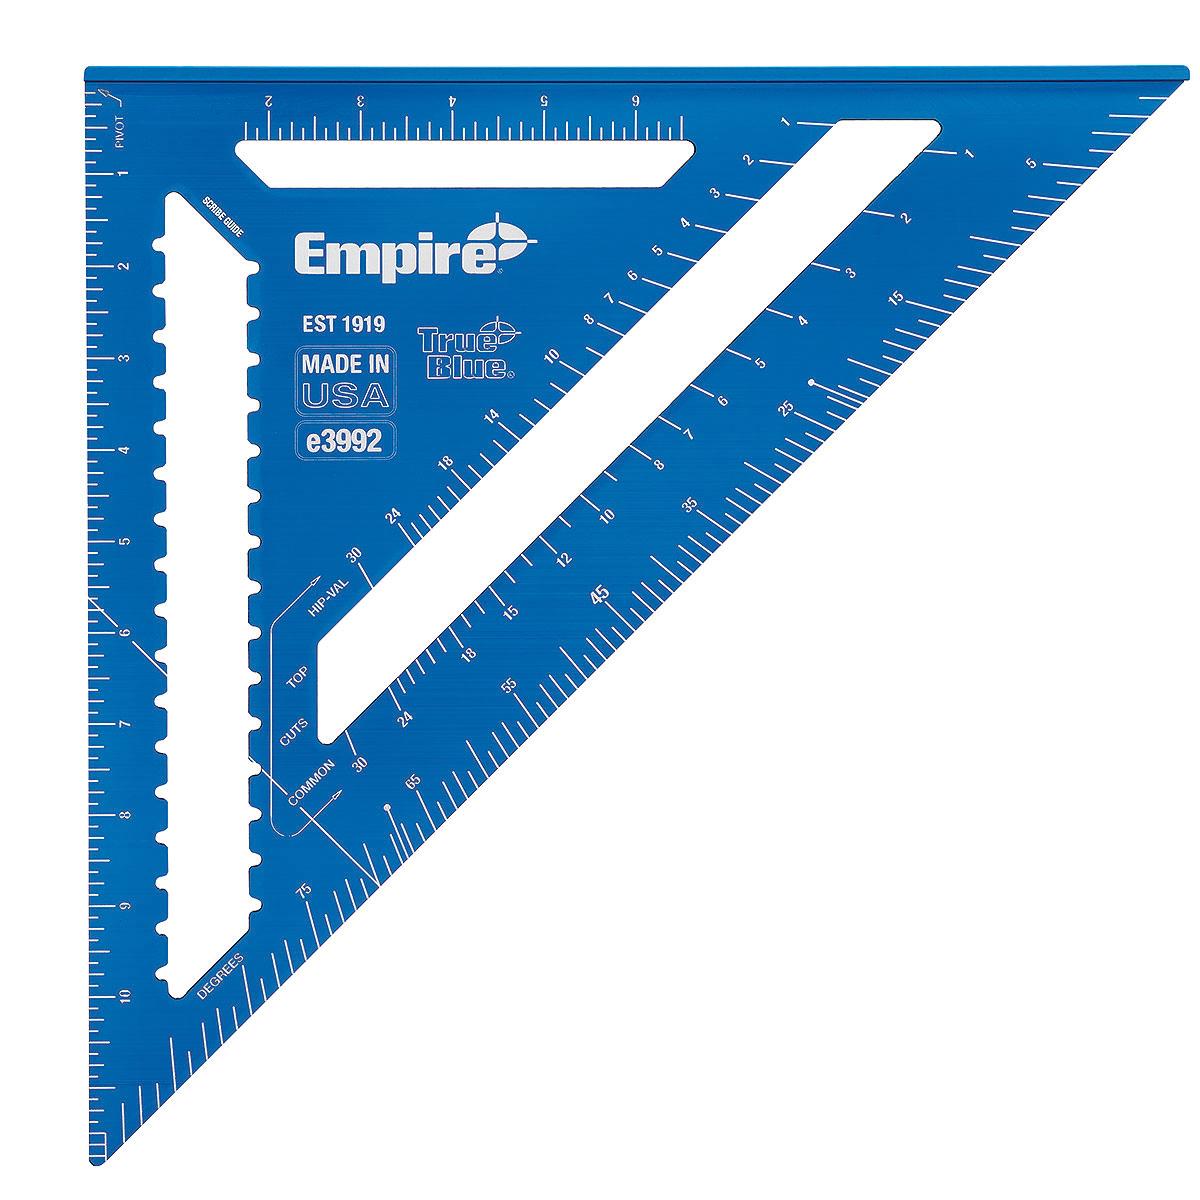 Picture of Empire E3992 Rafter Square, 0.13 in Graduation, Aluminum, 12 in L, 11.9 in W